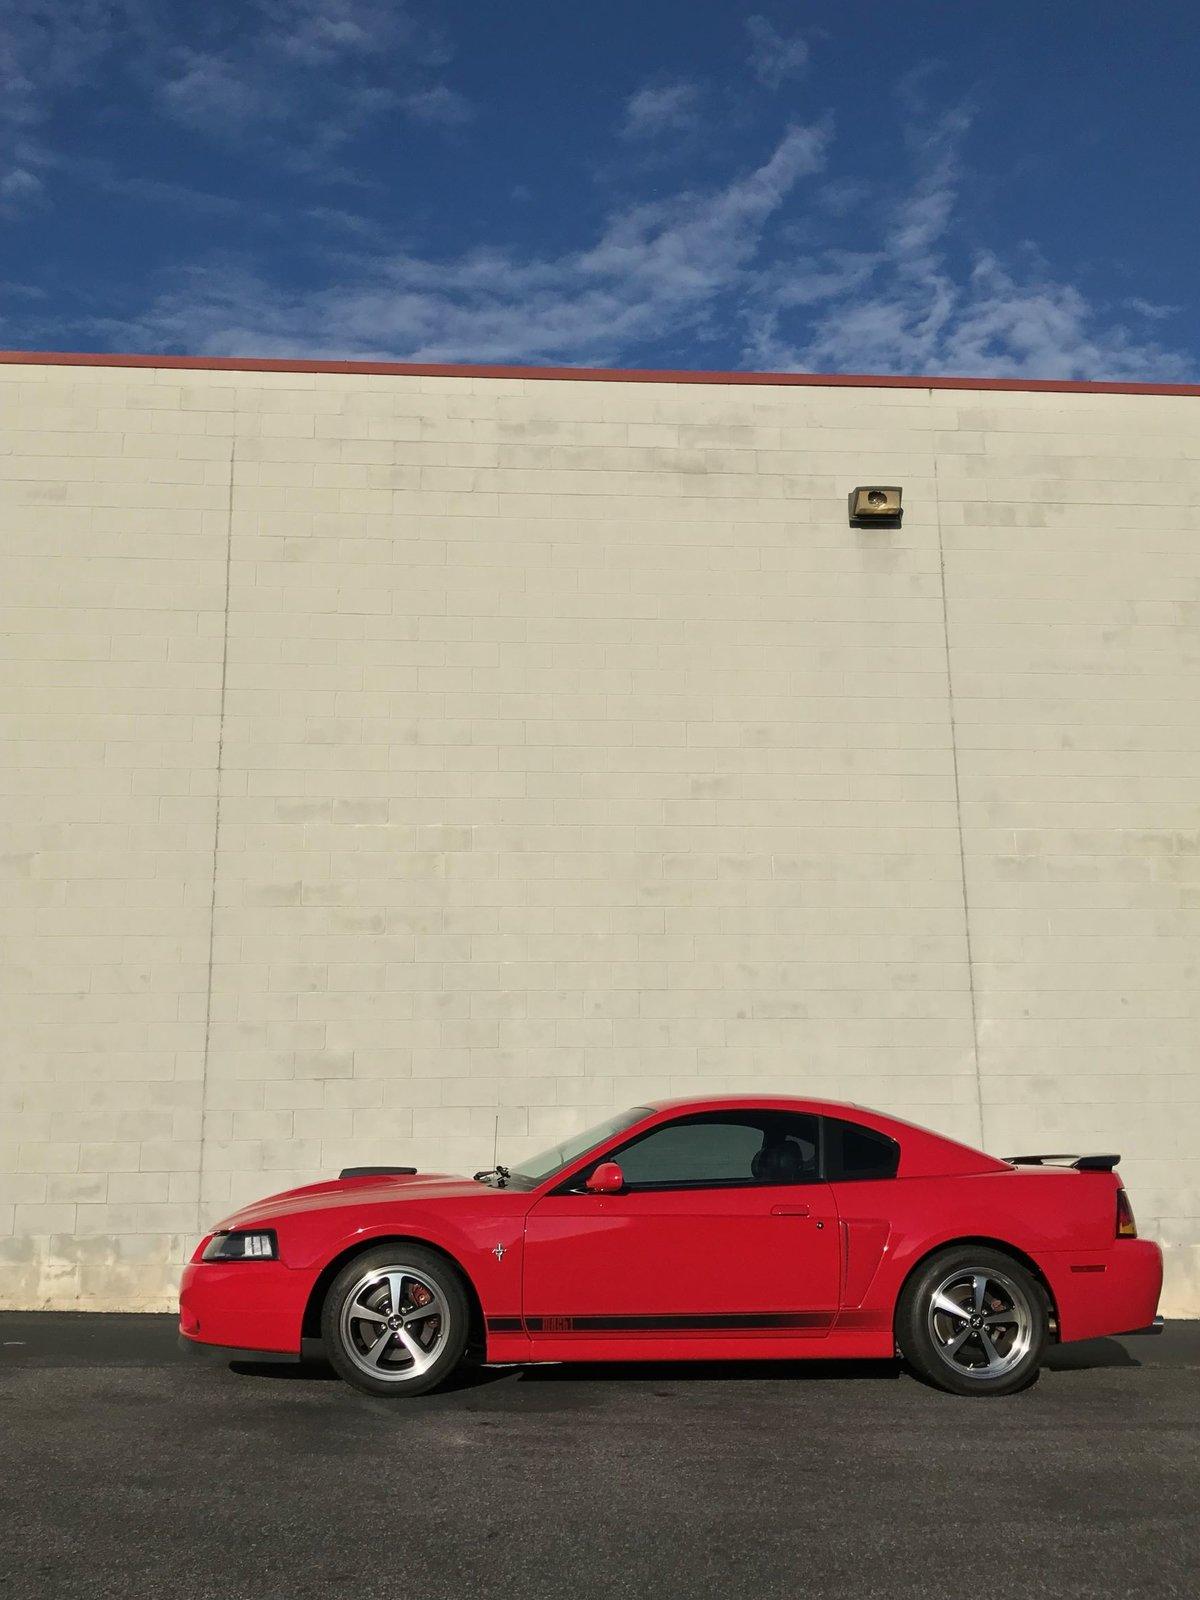 White wall side resize.jpg